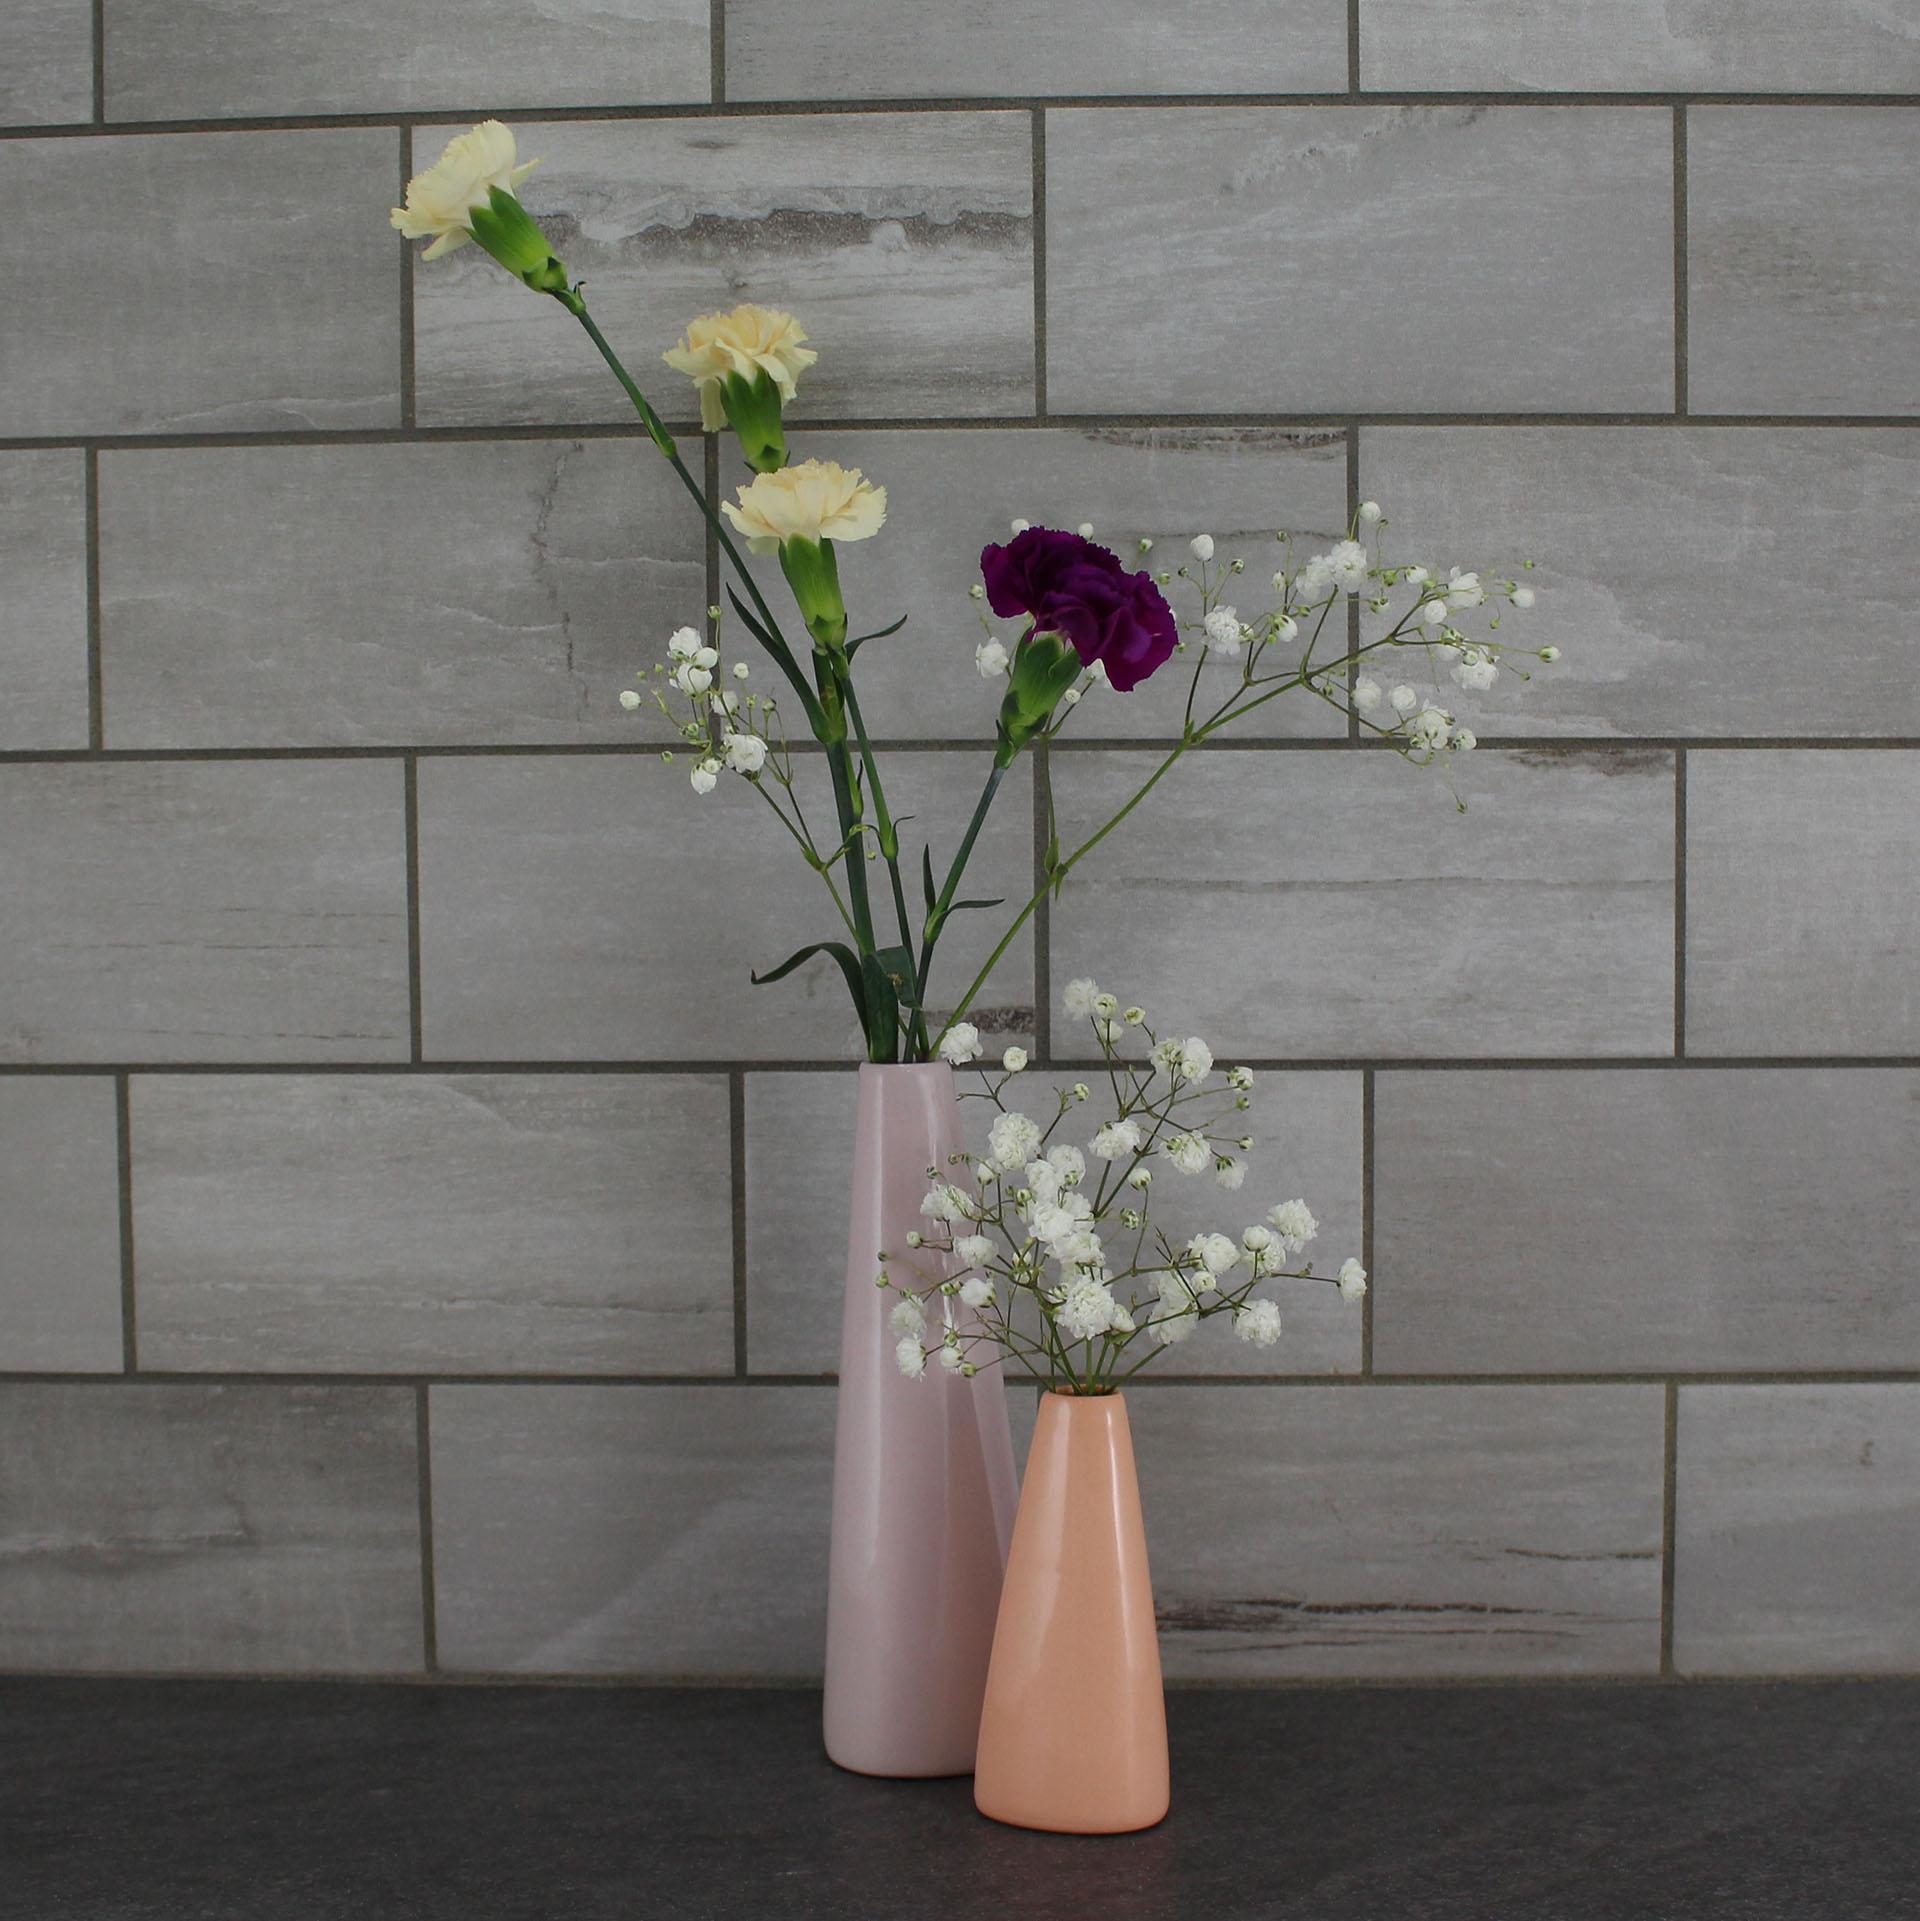 OC_vases_flowers2.jpg